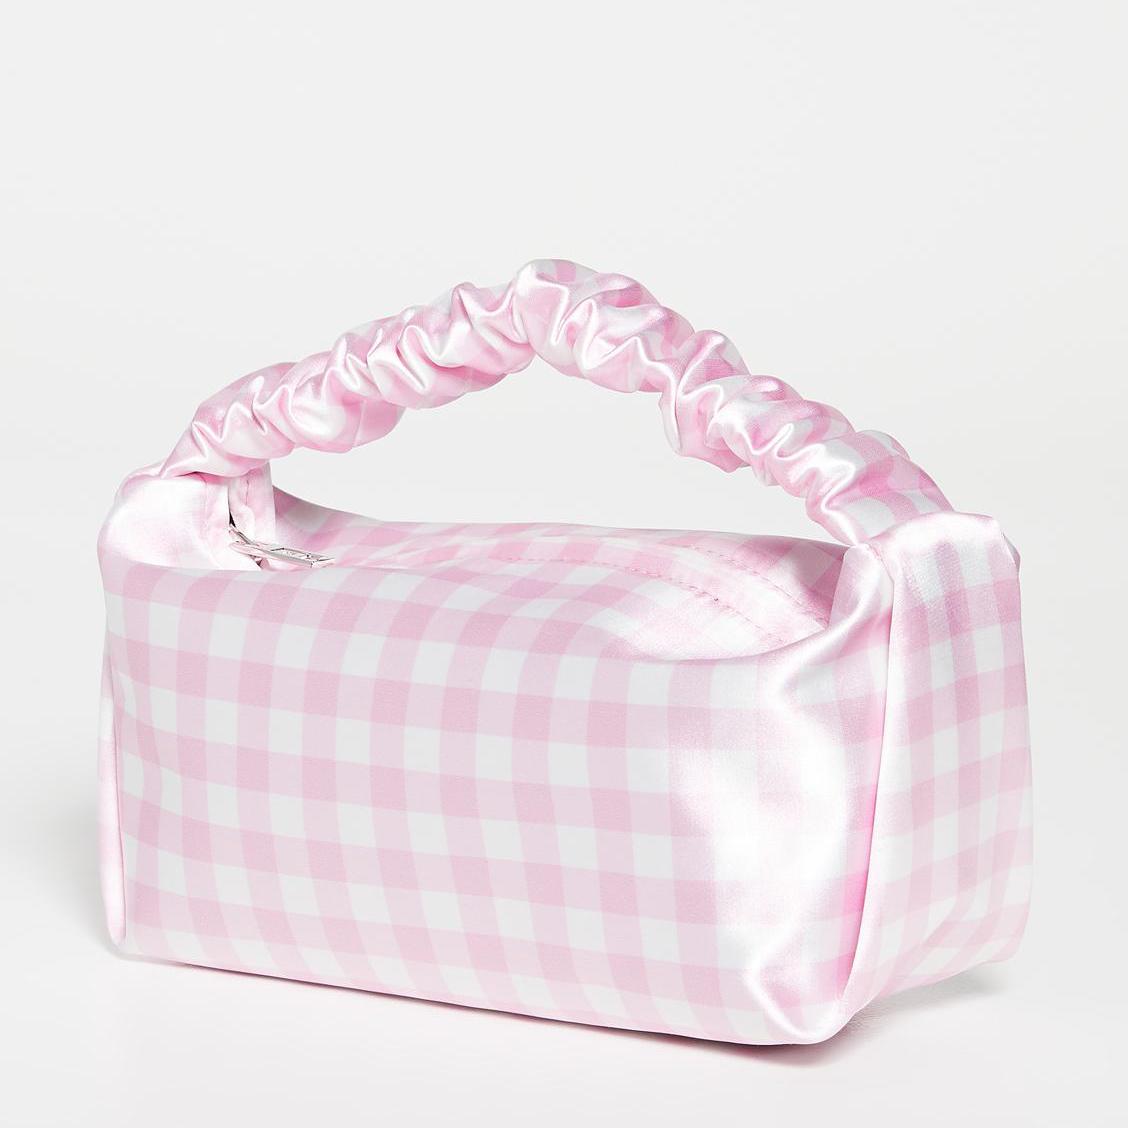 【定价优势+直邮】Alexander Wang 21新款丝绸饭盒包